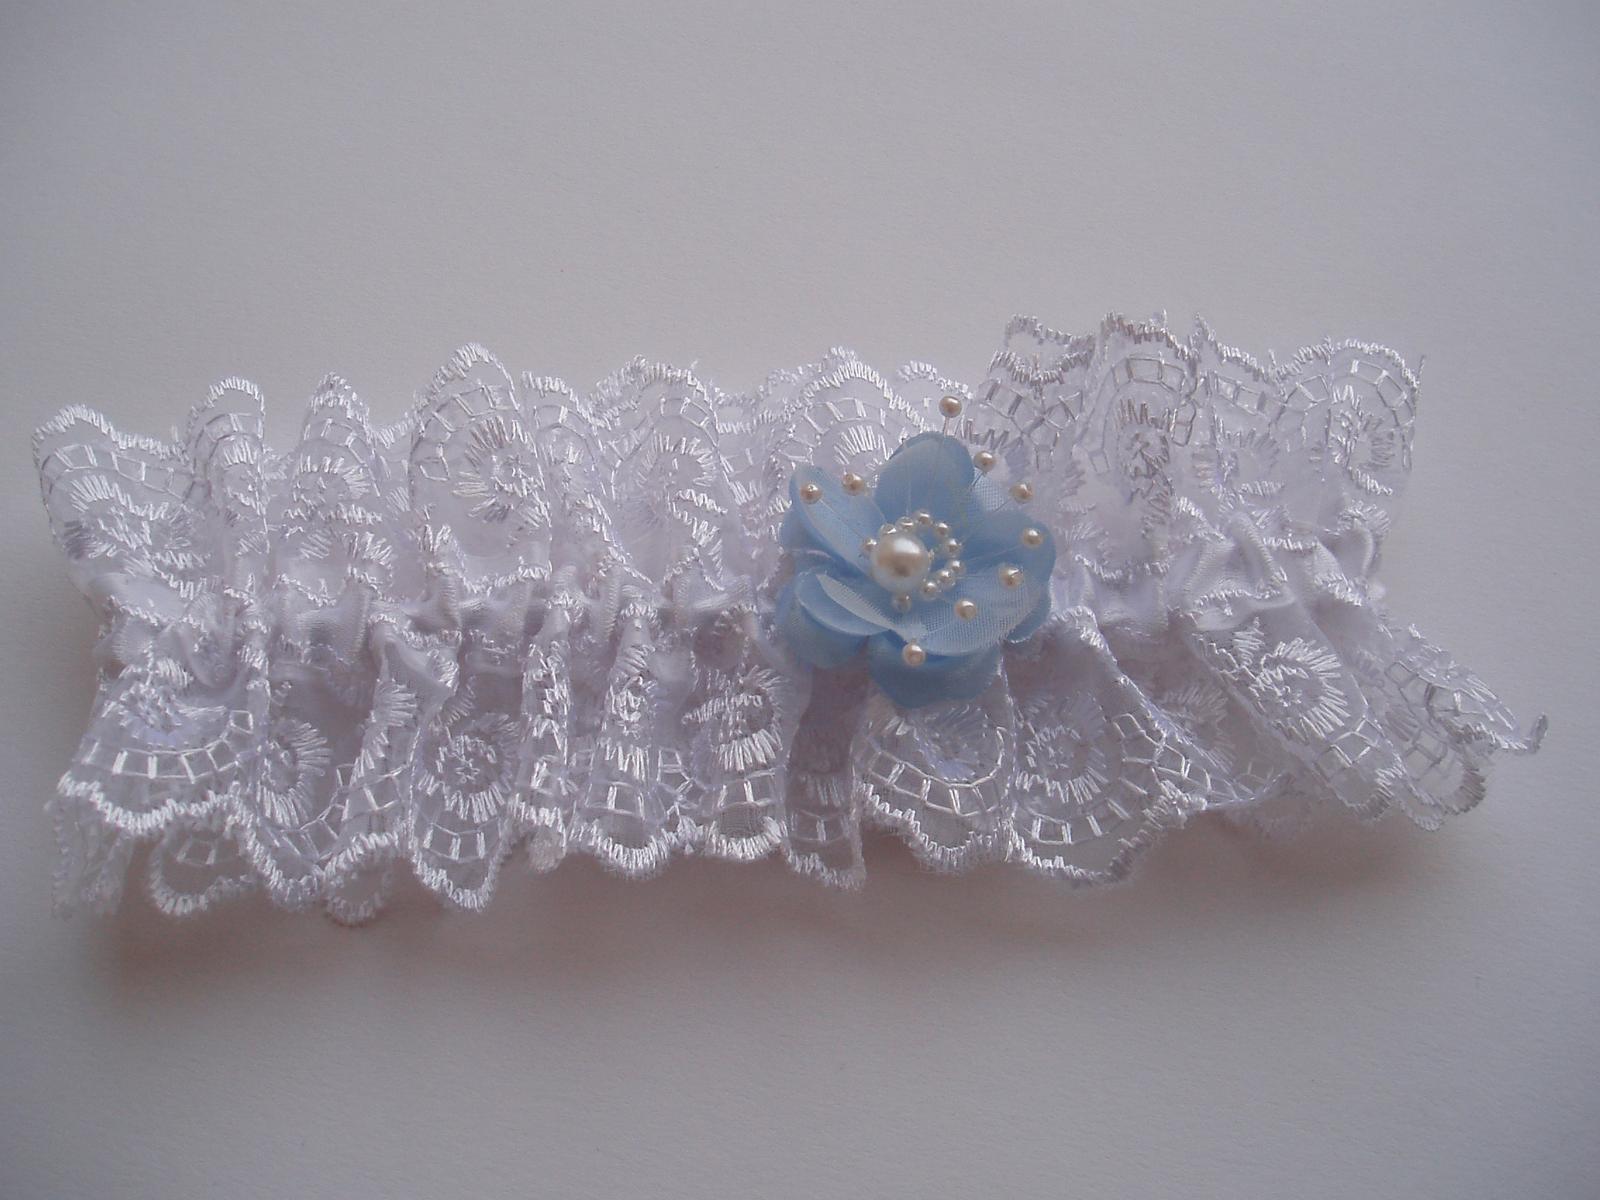 podvazek bílý-modrý květ - Obrázek č. 1